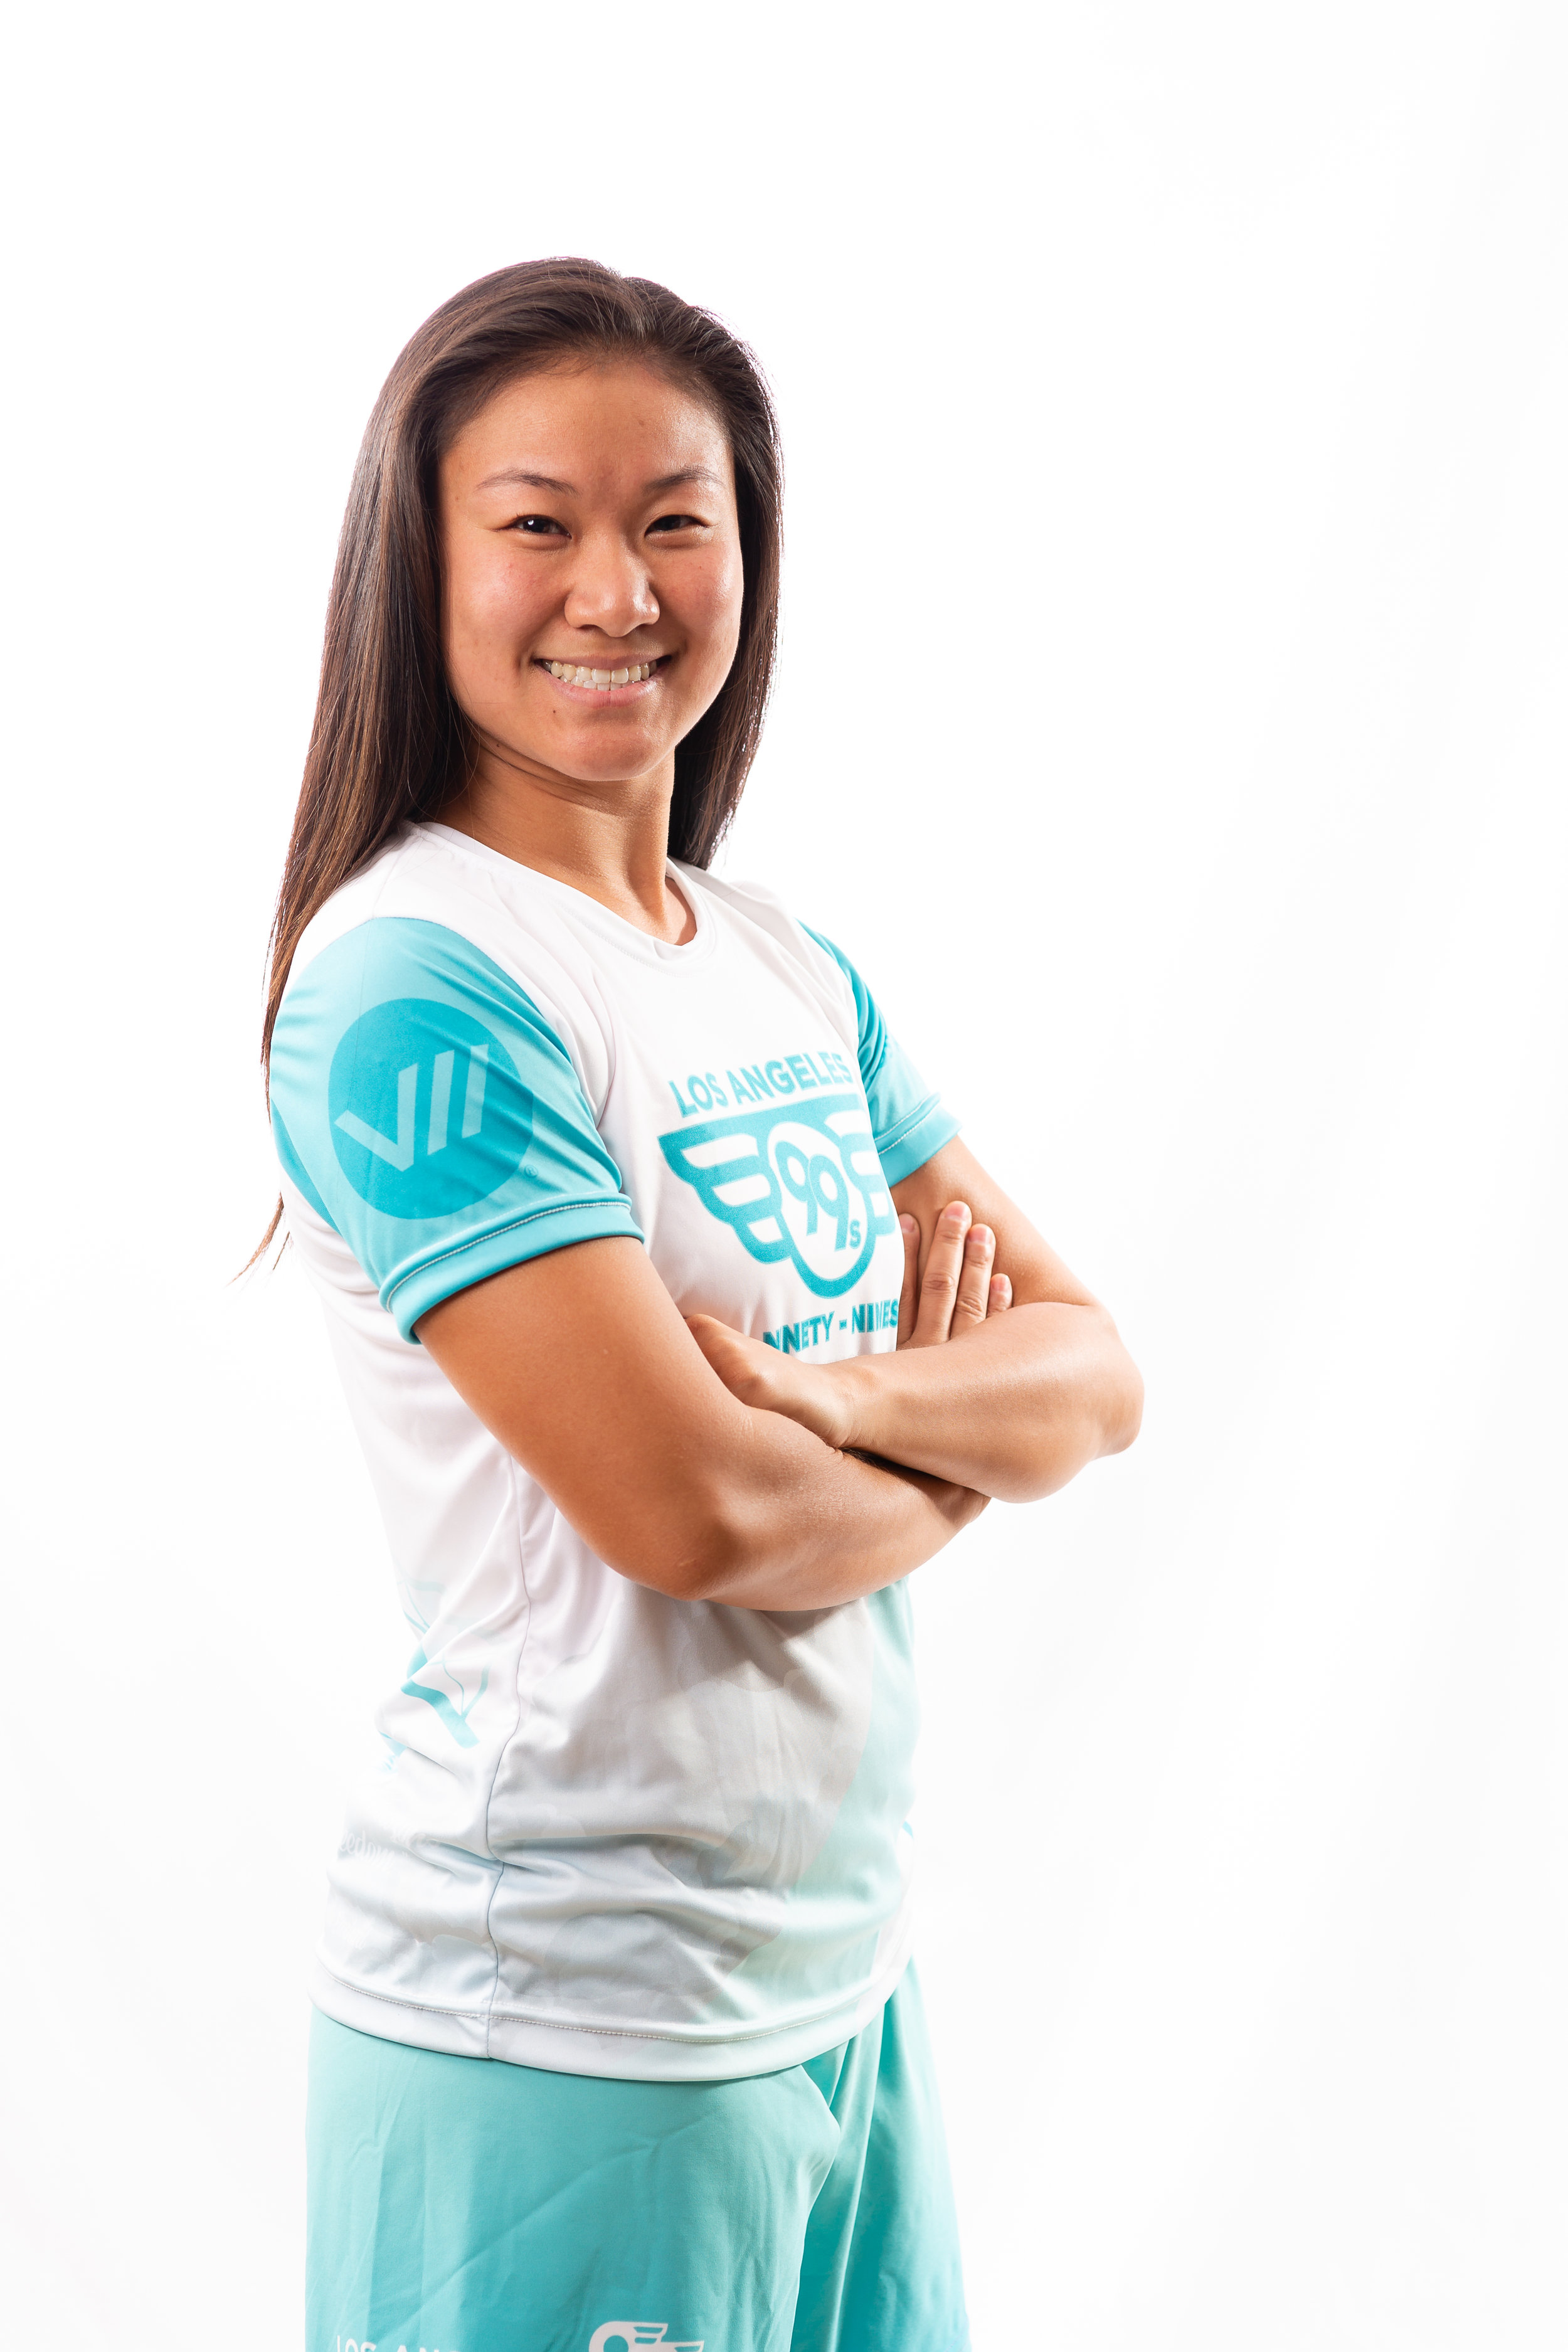 Felicia Yang